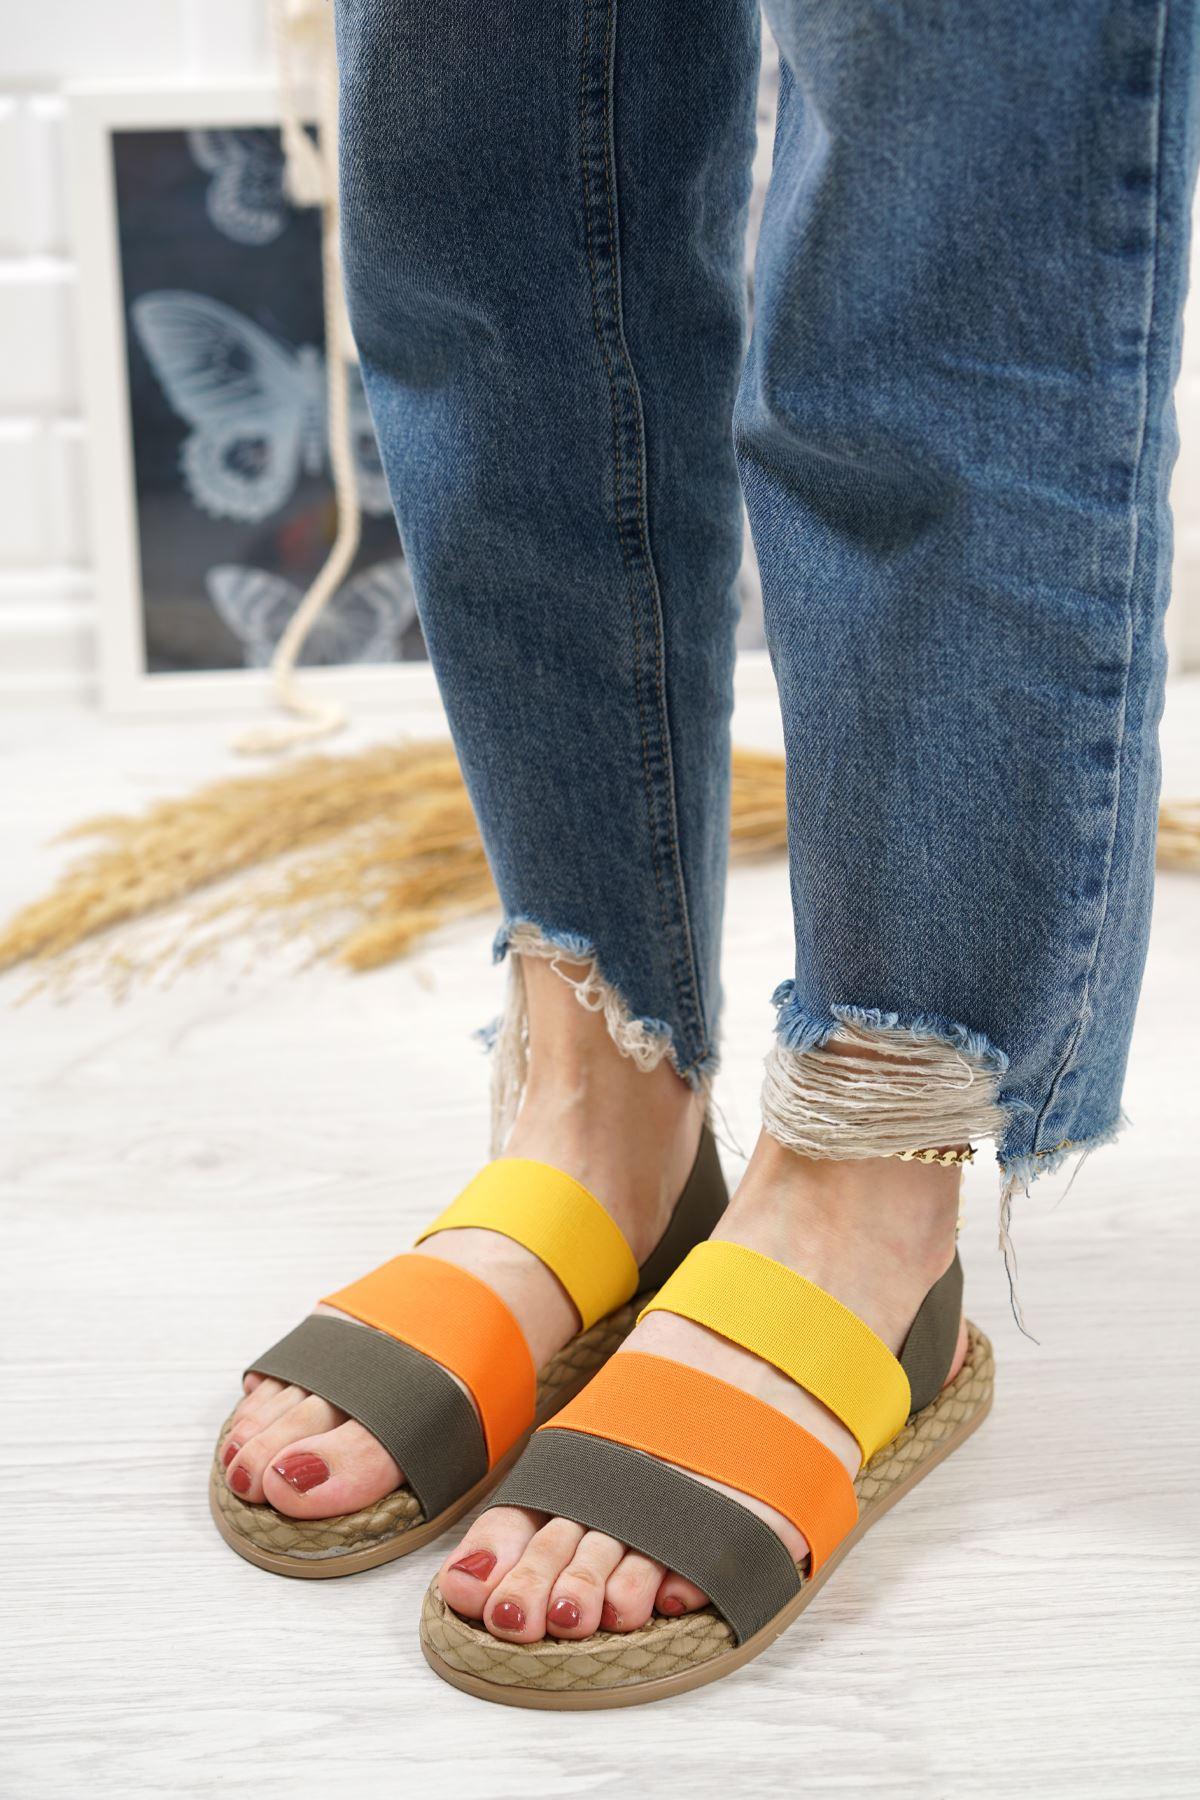 Orso Yeşil Oranj Limon Lastikli Kadın Sandalet